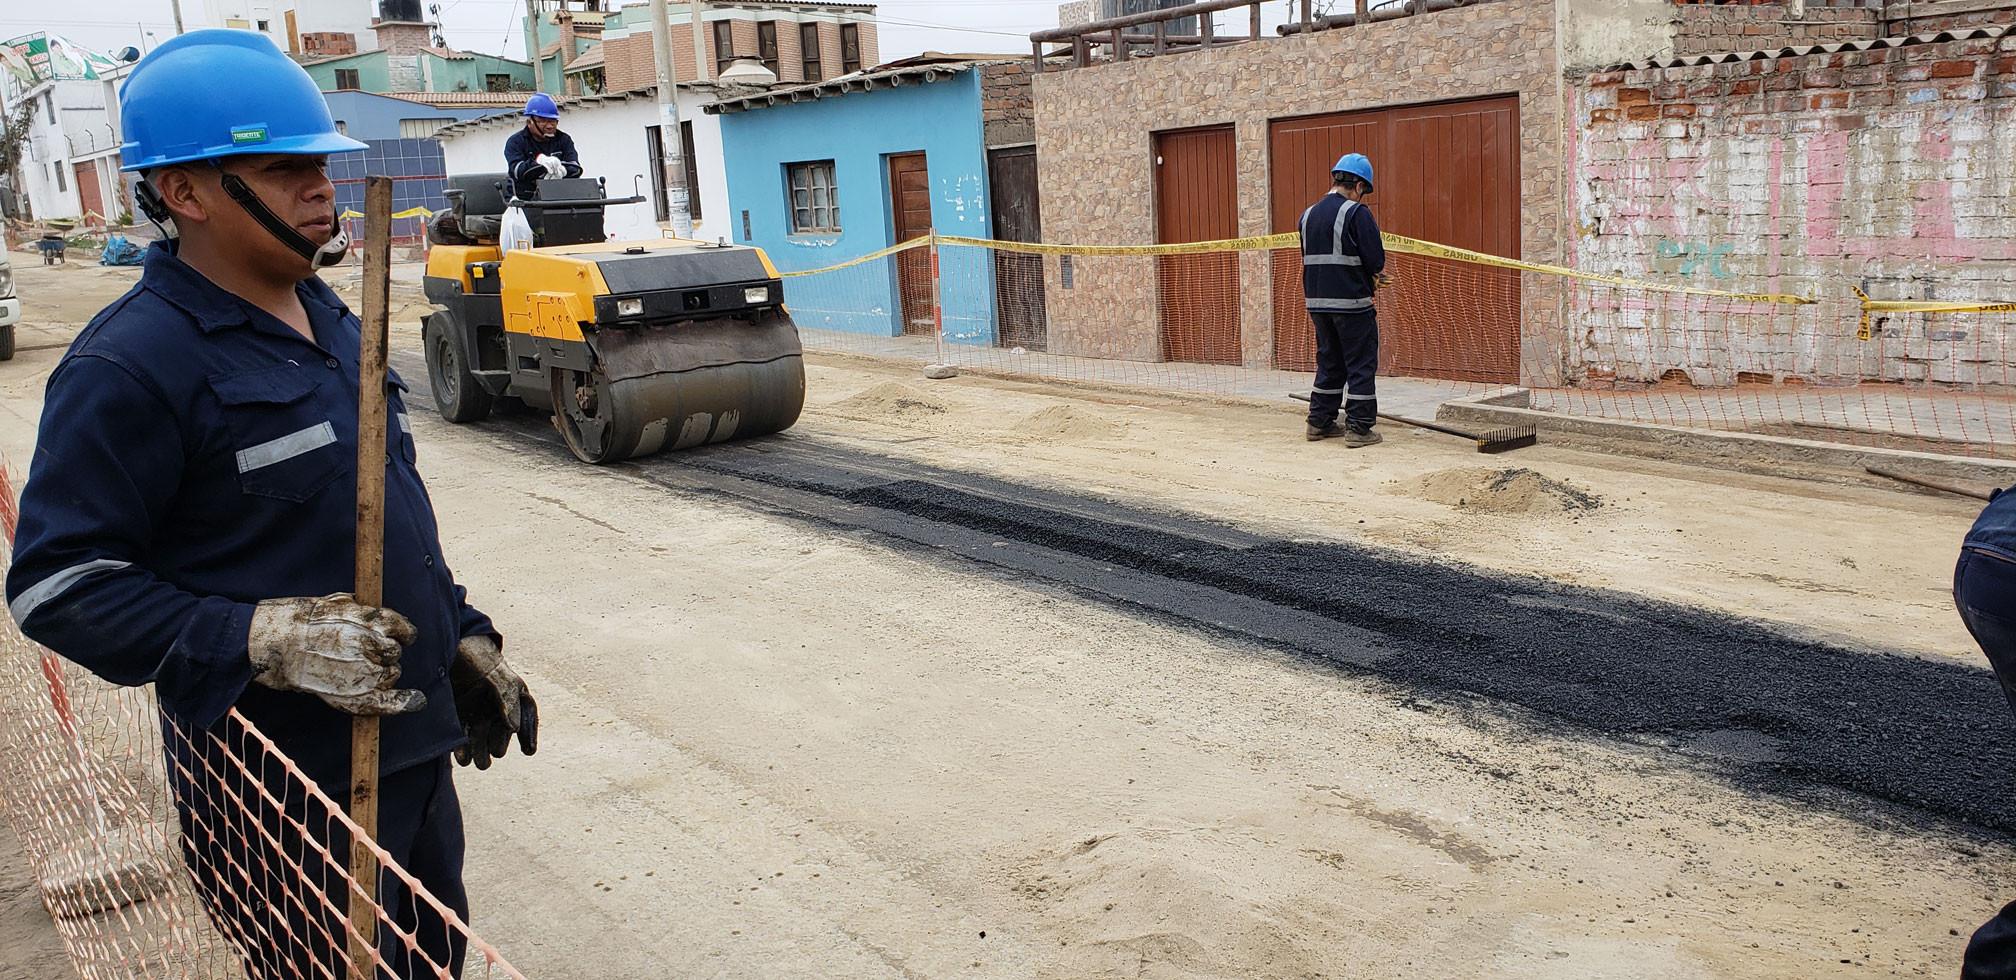 Repocisión de carpeta asfáltica en caliente en Lima, Perú